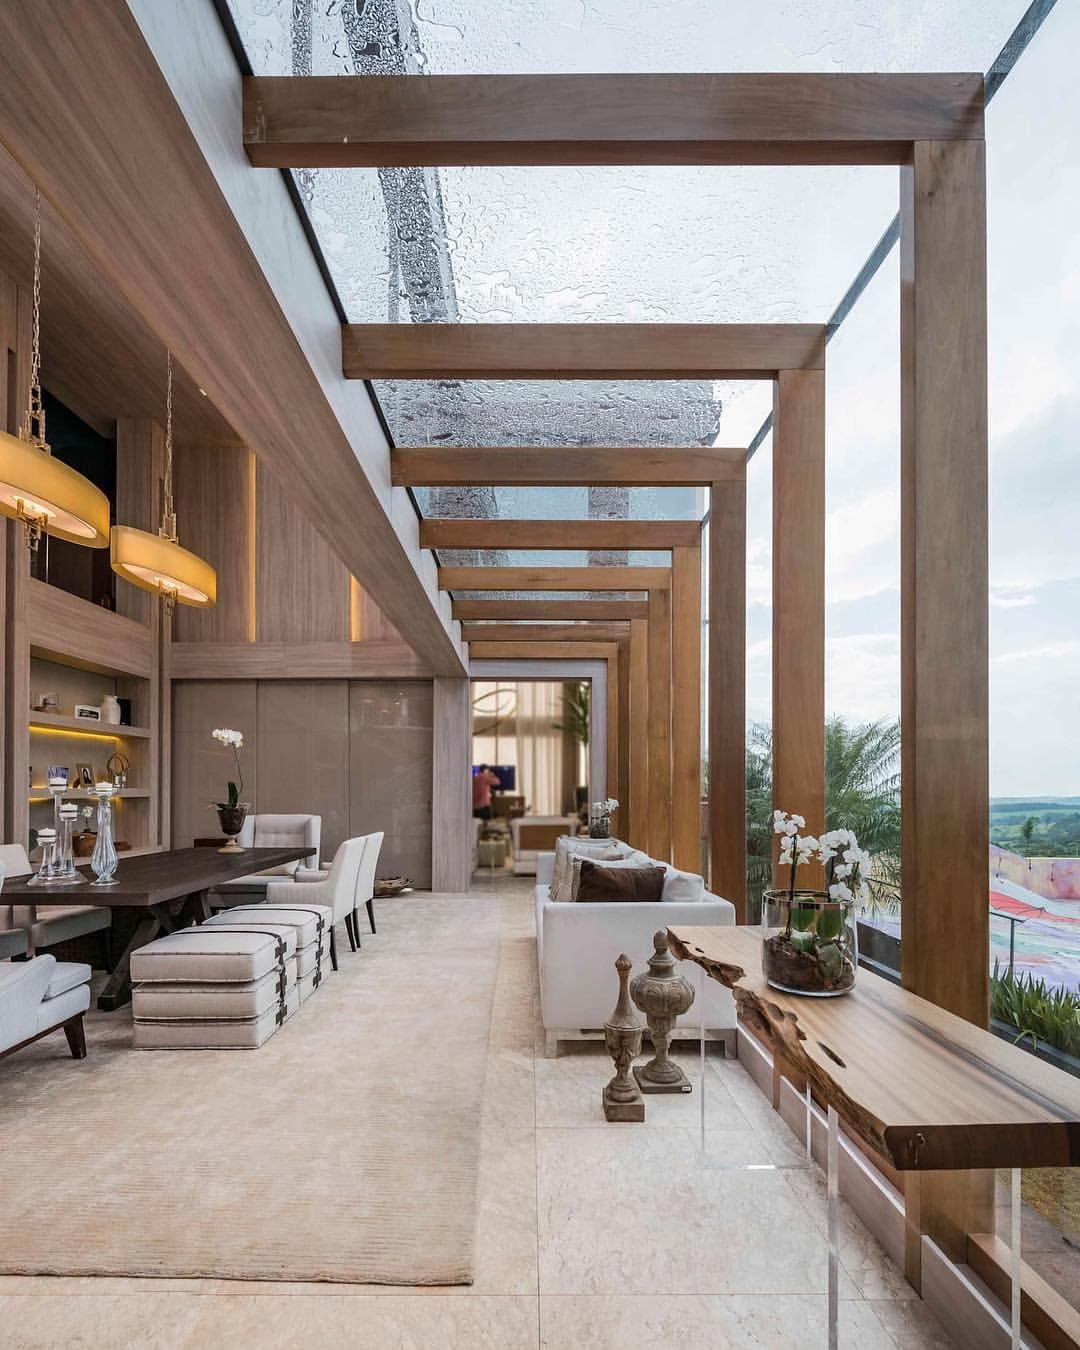 Gulfstream g650 interior bedroom architecturehunter residência entreverdes architect  casas